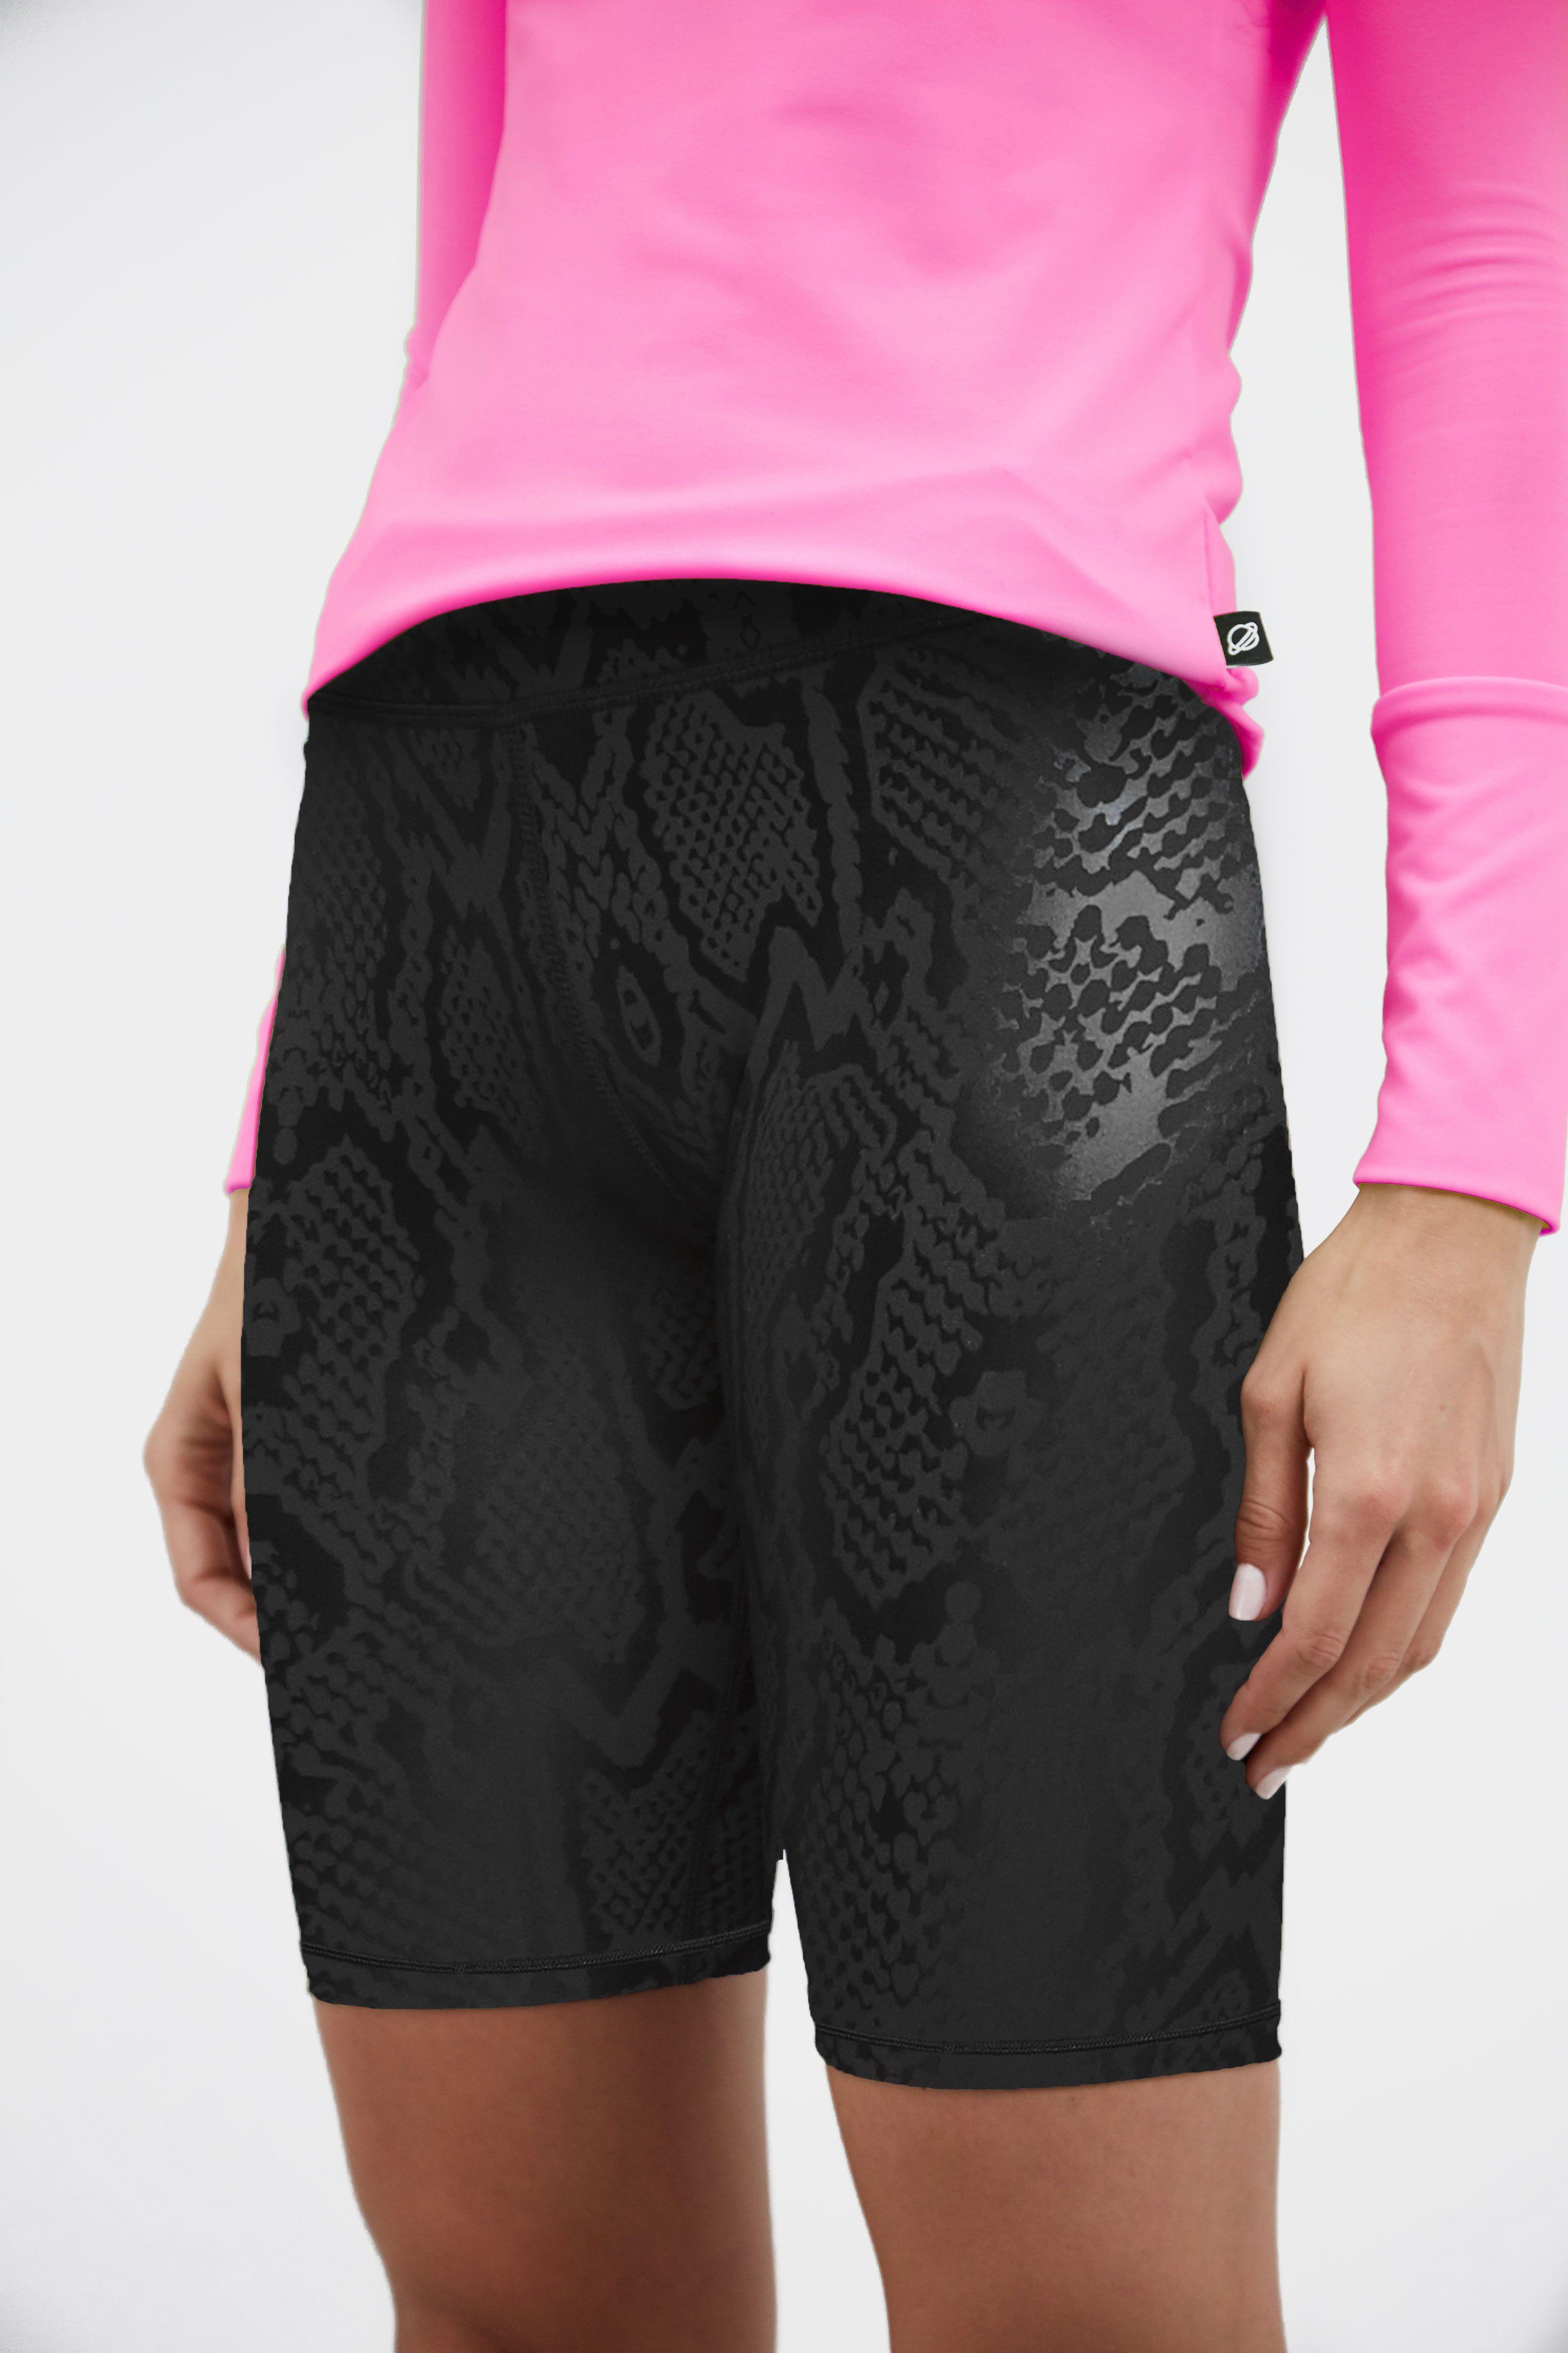 Obsidian Snakeskin Foil Uplift Bike Shorts Bike Shorts Gym Shorts Womens Biker Shorts [ 4469 x 2979 Pixel ]